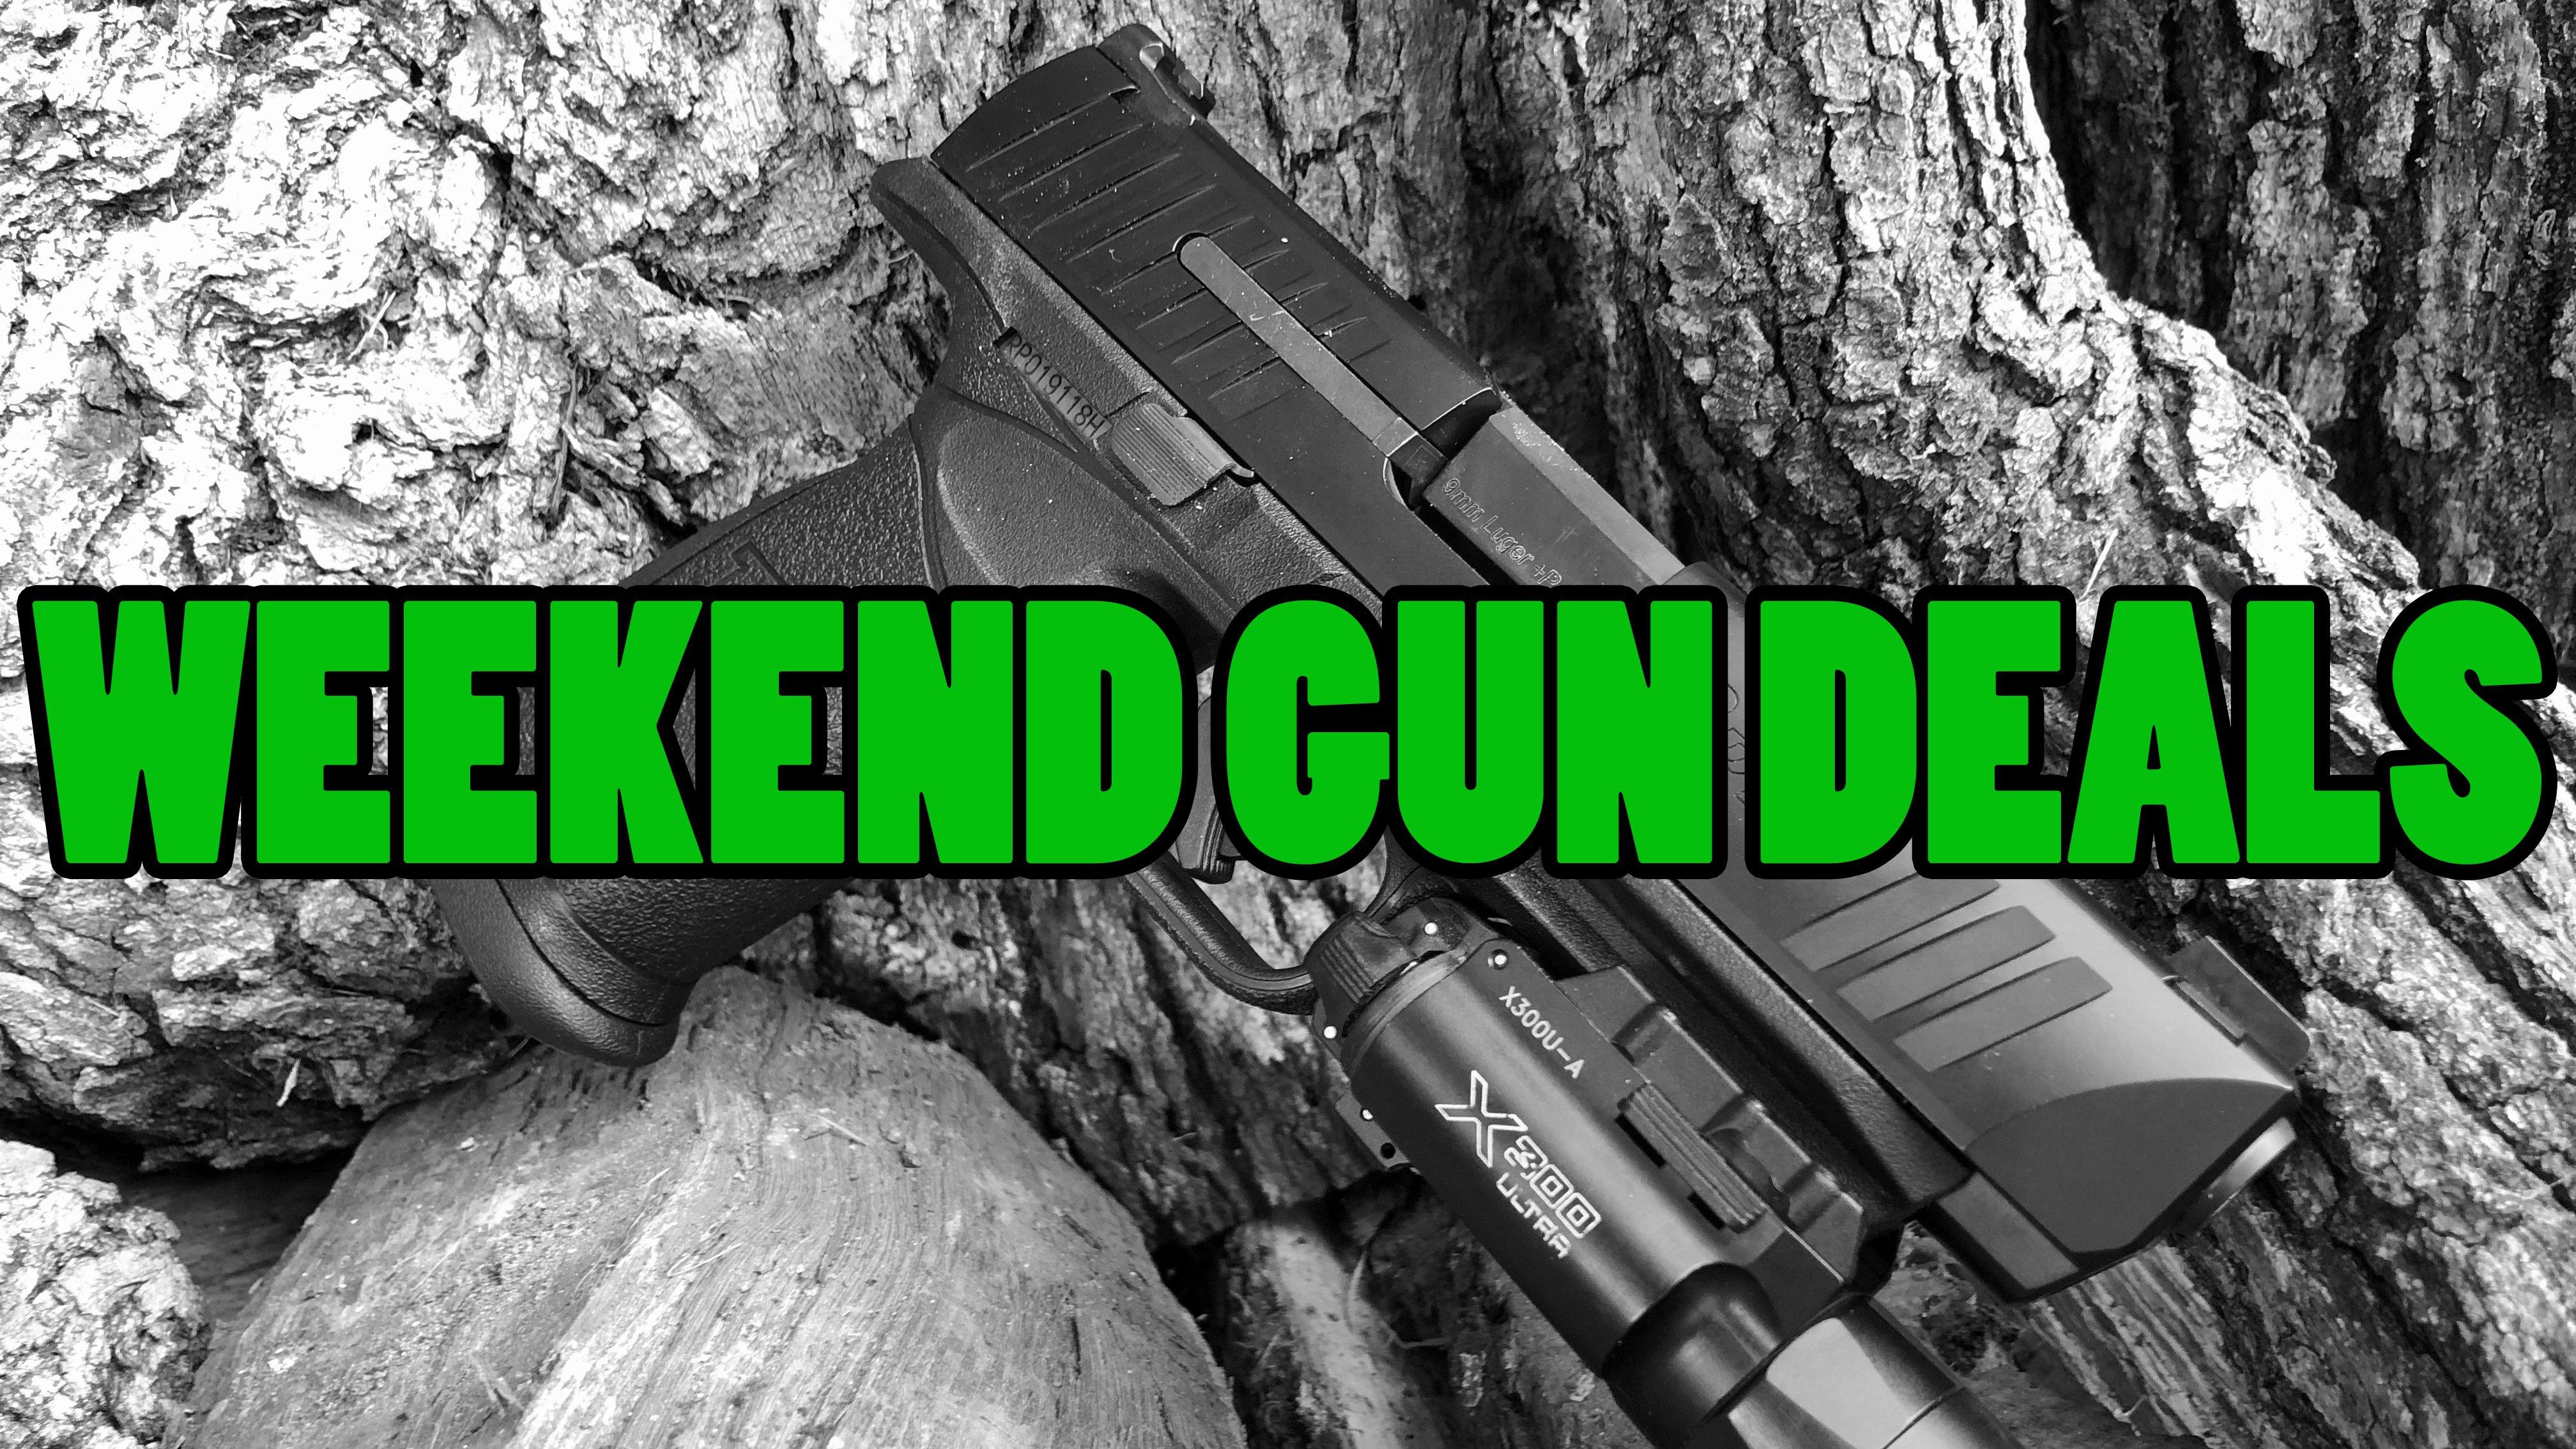 Weekend Gun Deals